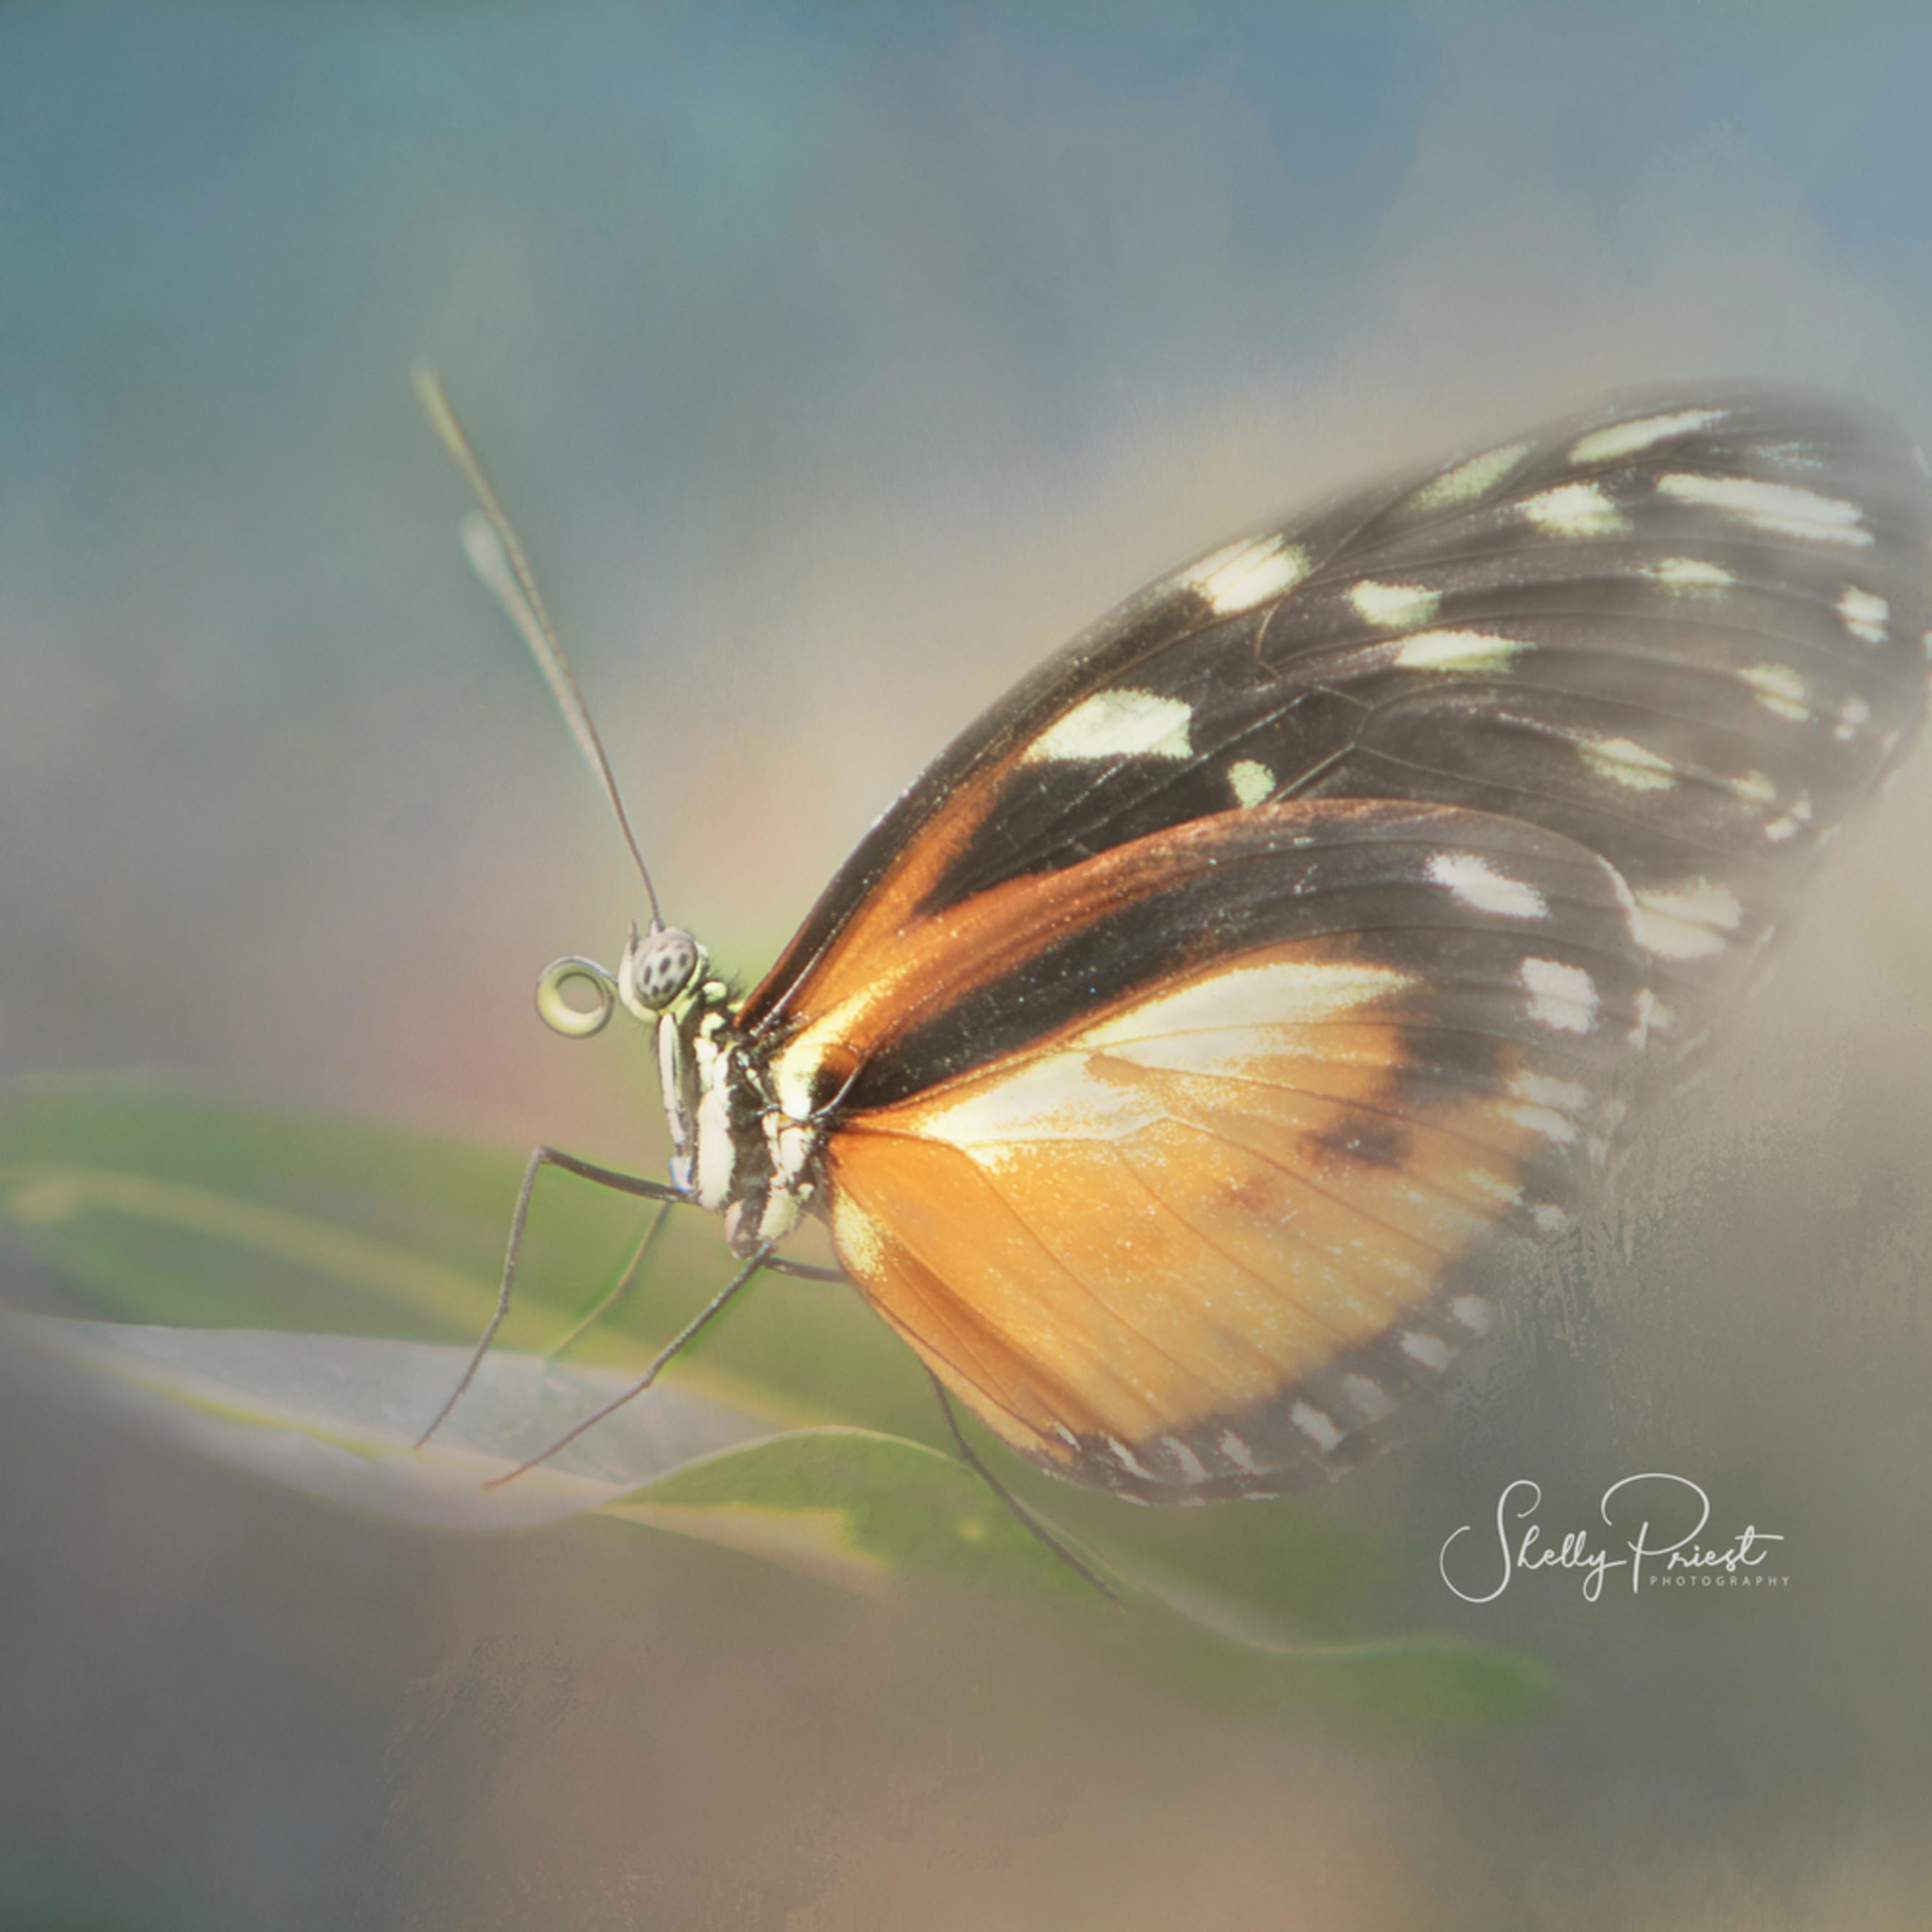 Butterfly 0784 fyfkur